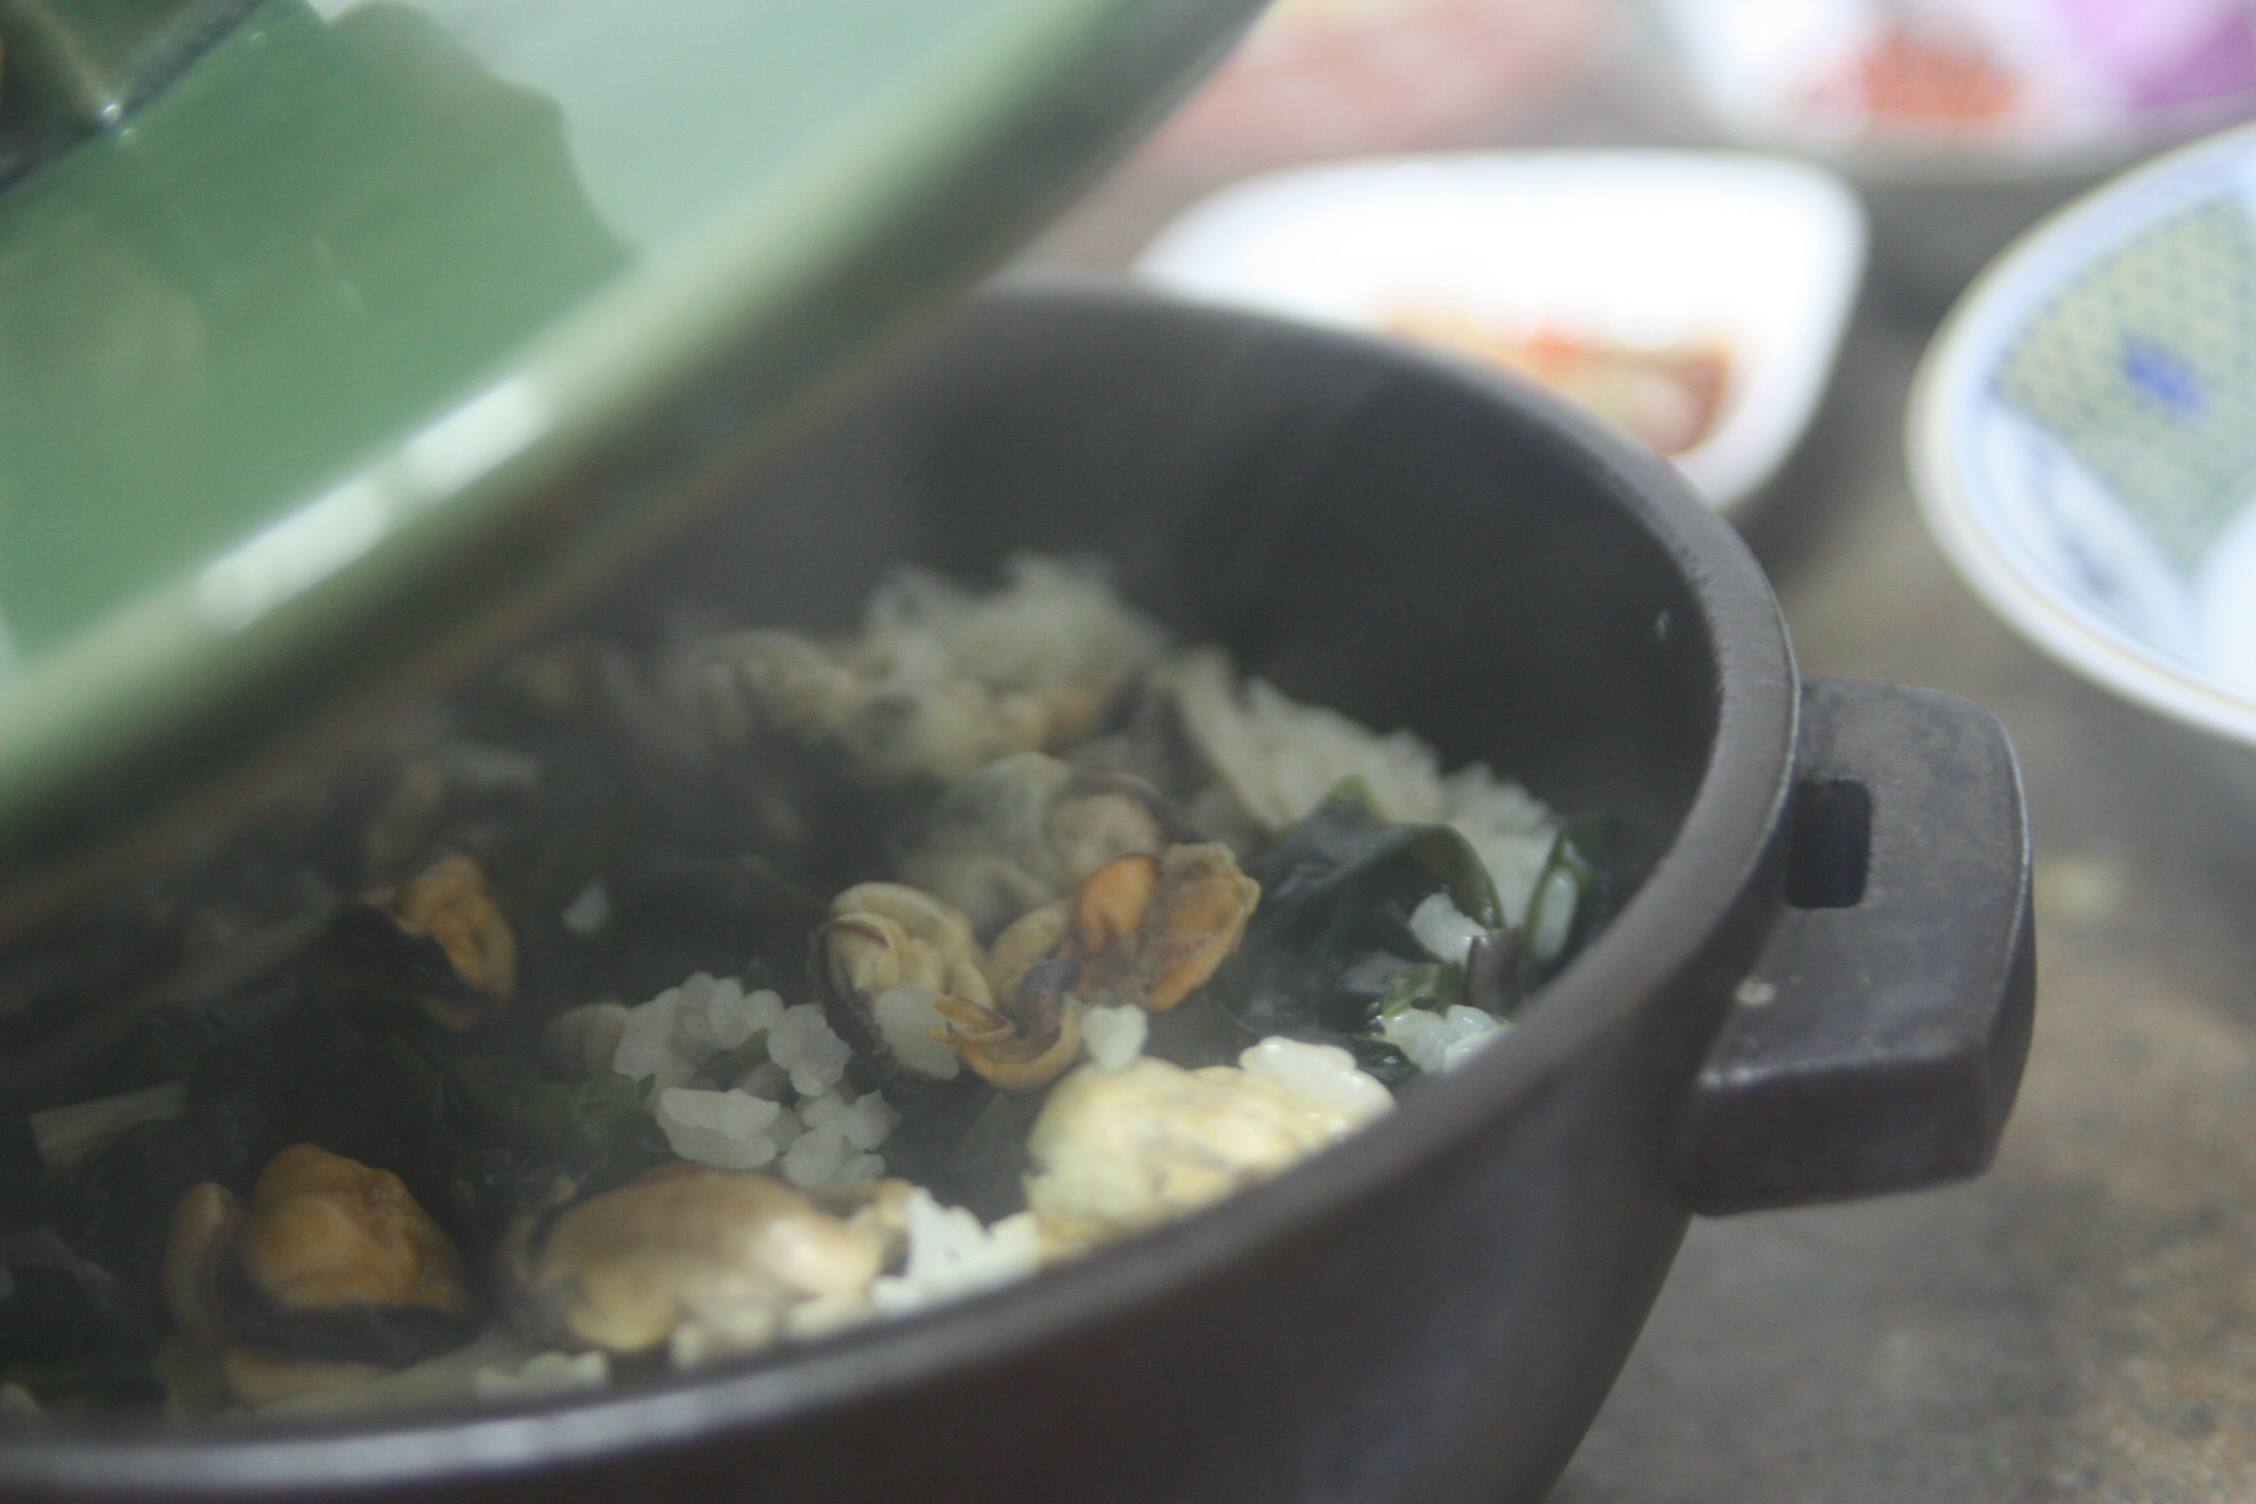 홍합미역밥, 지금은 홍합을 먹어야 할 때